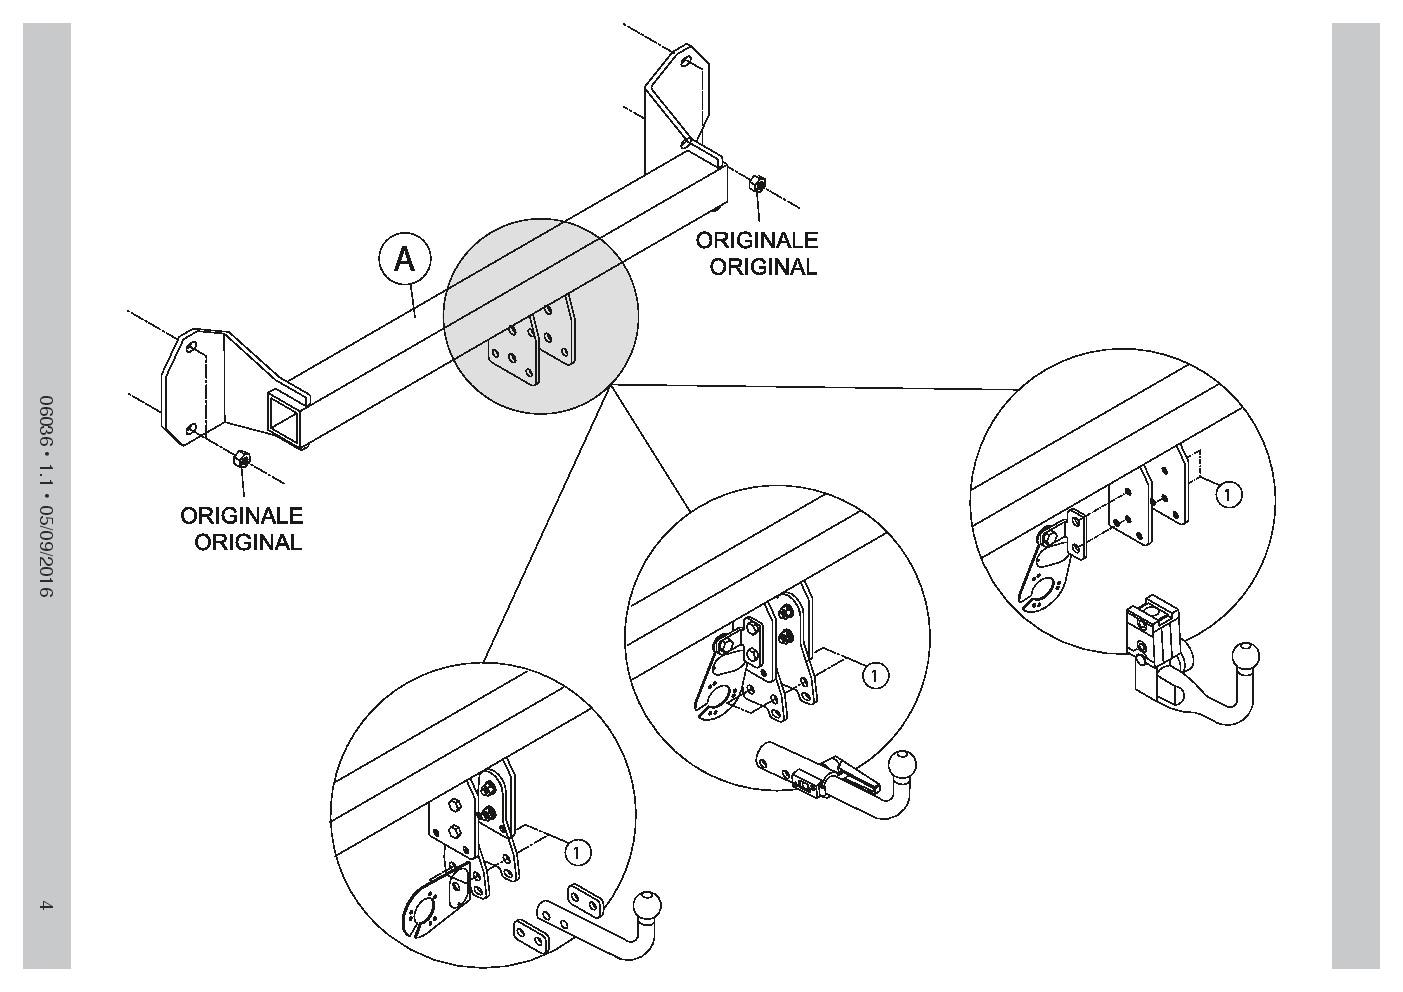 1409/_B1 AHK Feste Starre Anhängerkupplung+13p C2 E-Satz Ford Ecosport 2-4WD 14